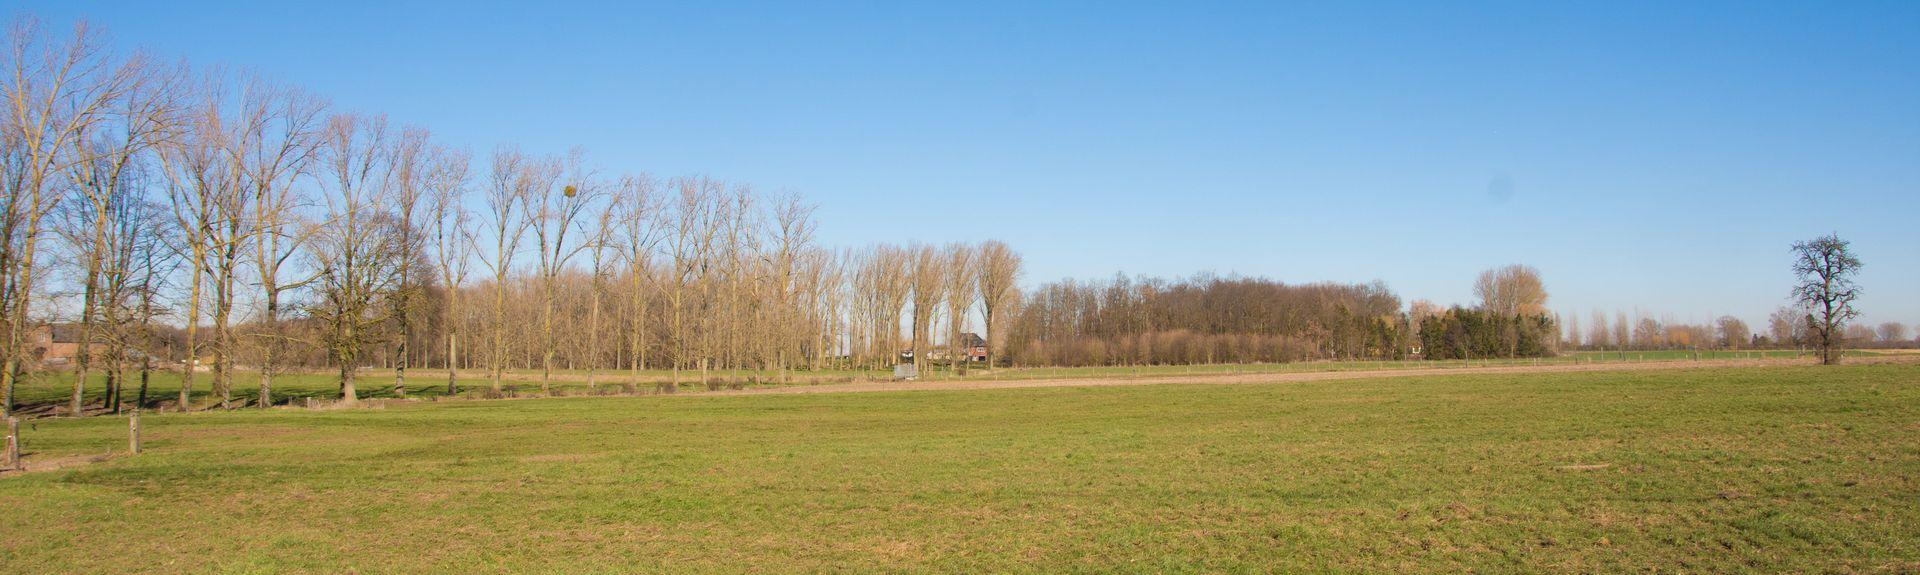 Genk, Vlaanderen, BE